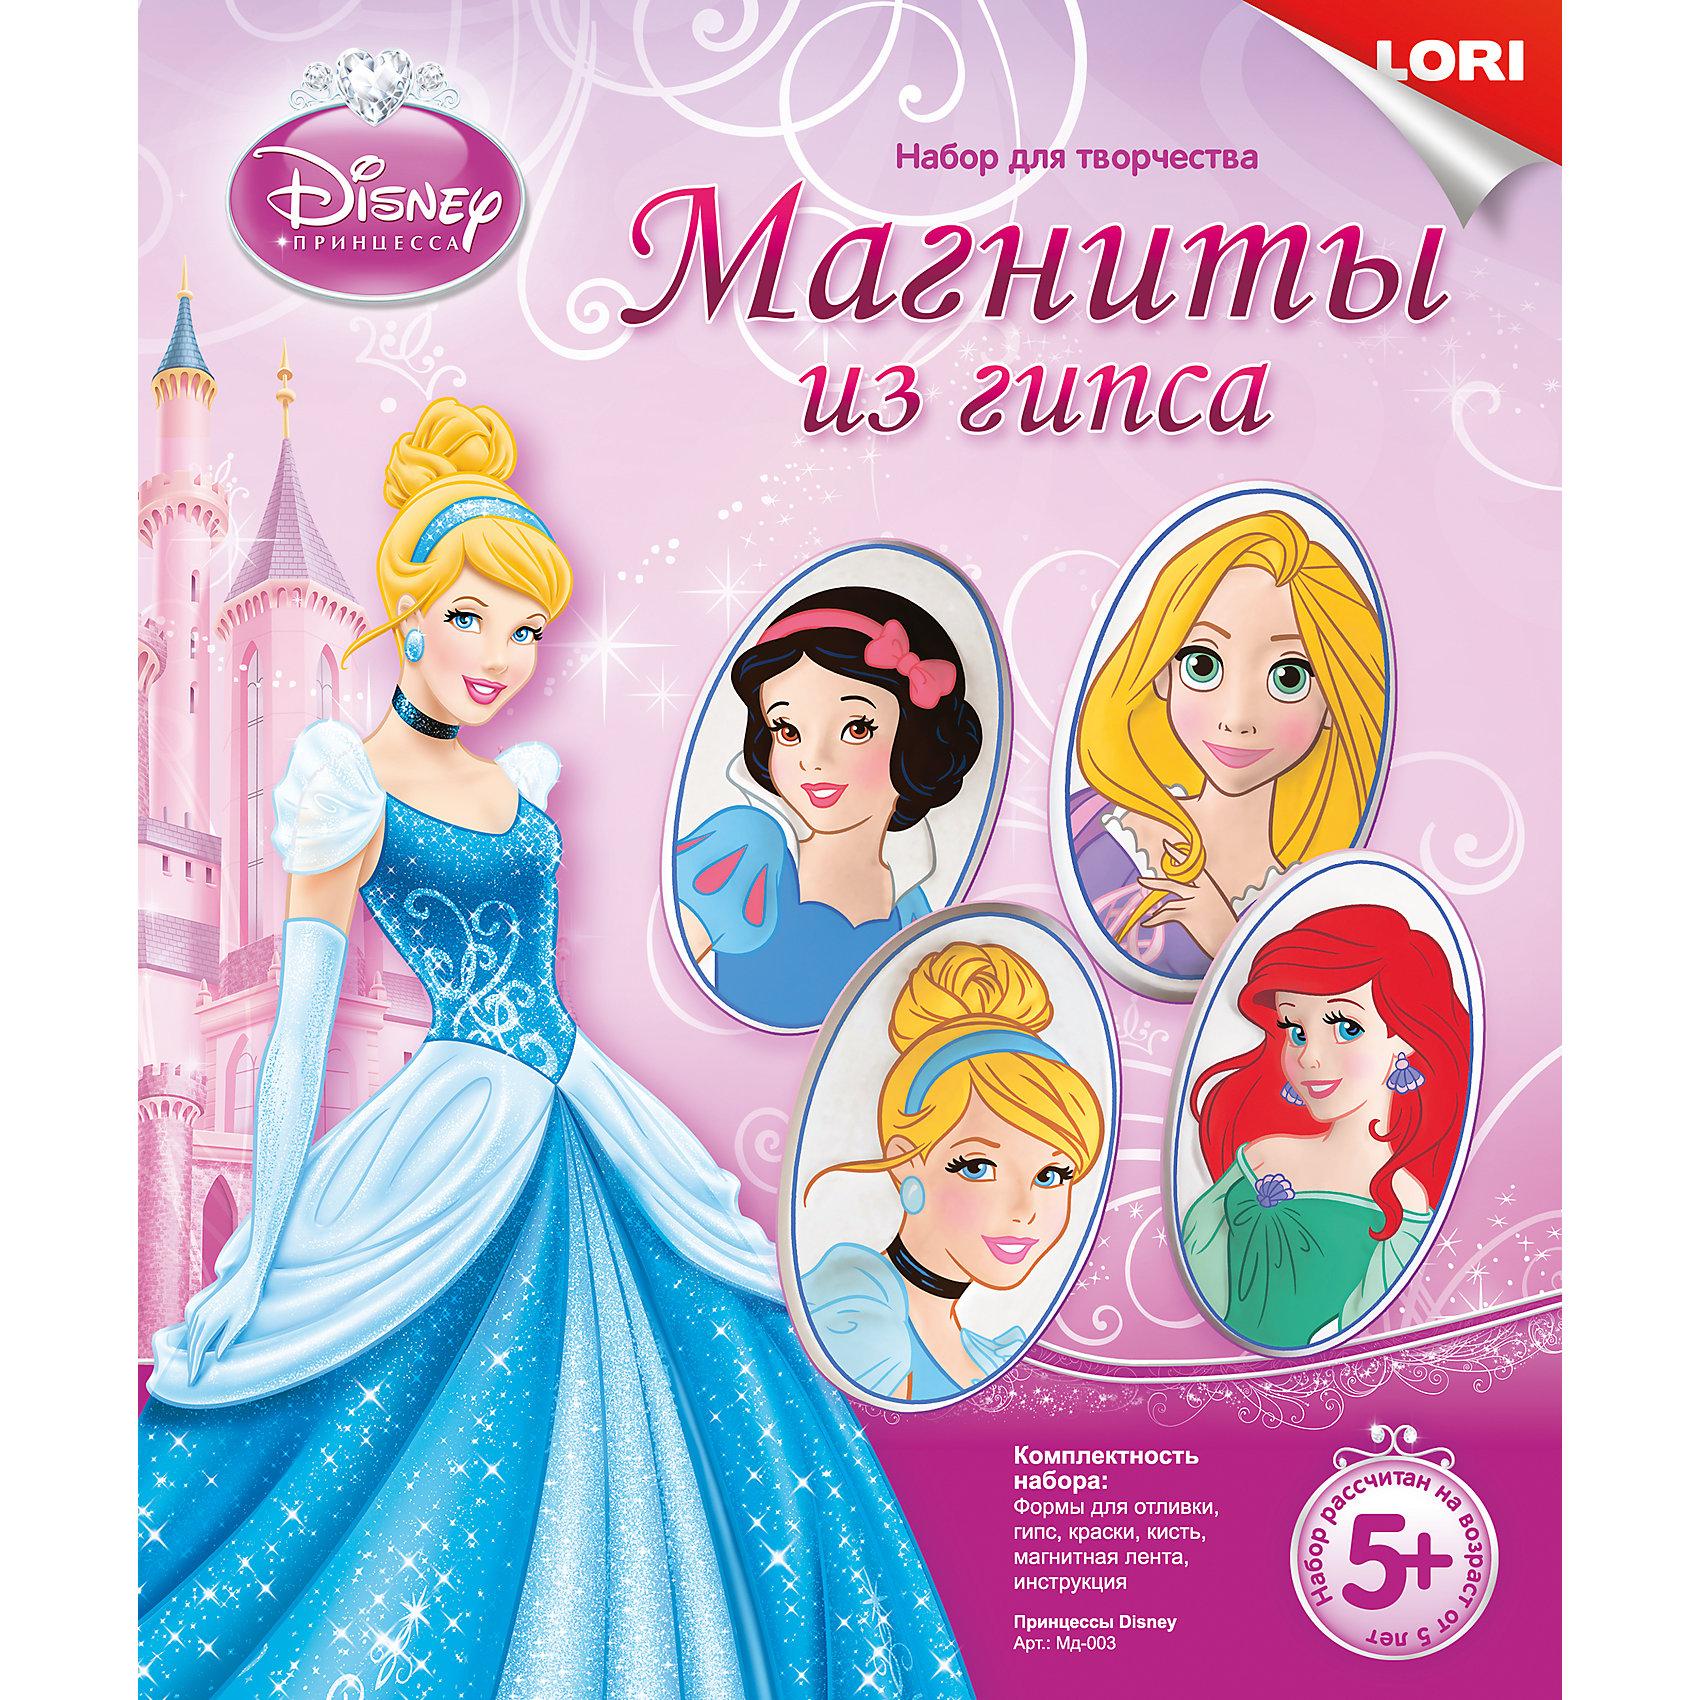 Магниты из гипса Принцессы  Disney, LORIС этим набором ваш ребенок сможет изготовить магнит с любимым героем и раскрасить его. Работа с набором развивает творческие способности, воображение, внимание, мелкую моторику и усидчивость. Изготовленный магнитик станет прекрасным подарком, сделанным руками ребенка. <br><br>Дополнительная информация:<br><br>- Материал: гипс, пластик, краски.<br>- Комплектация: формы для отливки, гипс, краски, кисть, магнитная лента, инструкция.<br>- Размер: 22х18,5х5 см.<br>- 4 магнита в наборе.<br><br>Магниты из гипса Принцессы  Disney, LORI (Лори) можно купить в нашем магазине.<br><br>Ширина мм: 185<br>Глубина мм: 220<br>Высота мм: 50<br>Вес г: 495<br>Возраст от месяцев: 60<br>Возраст до месяцев: 144<br>Пол: Женский<br>Возраст: Детский<br>SKU: 4027774